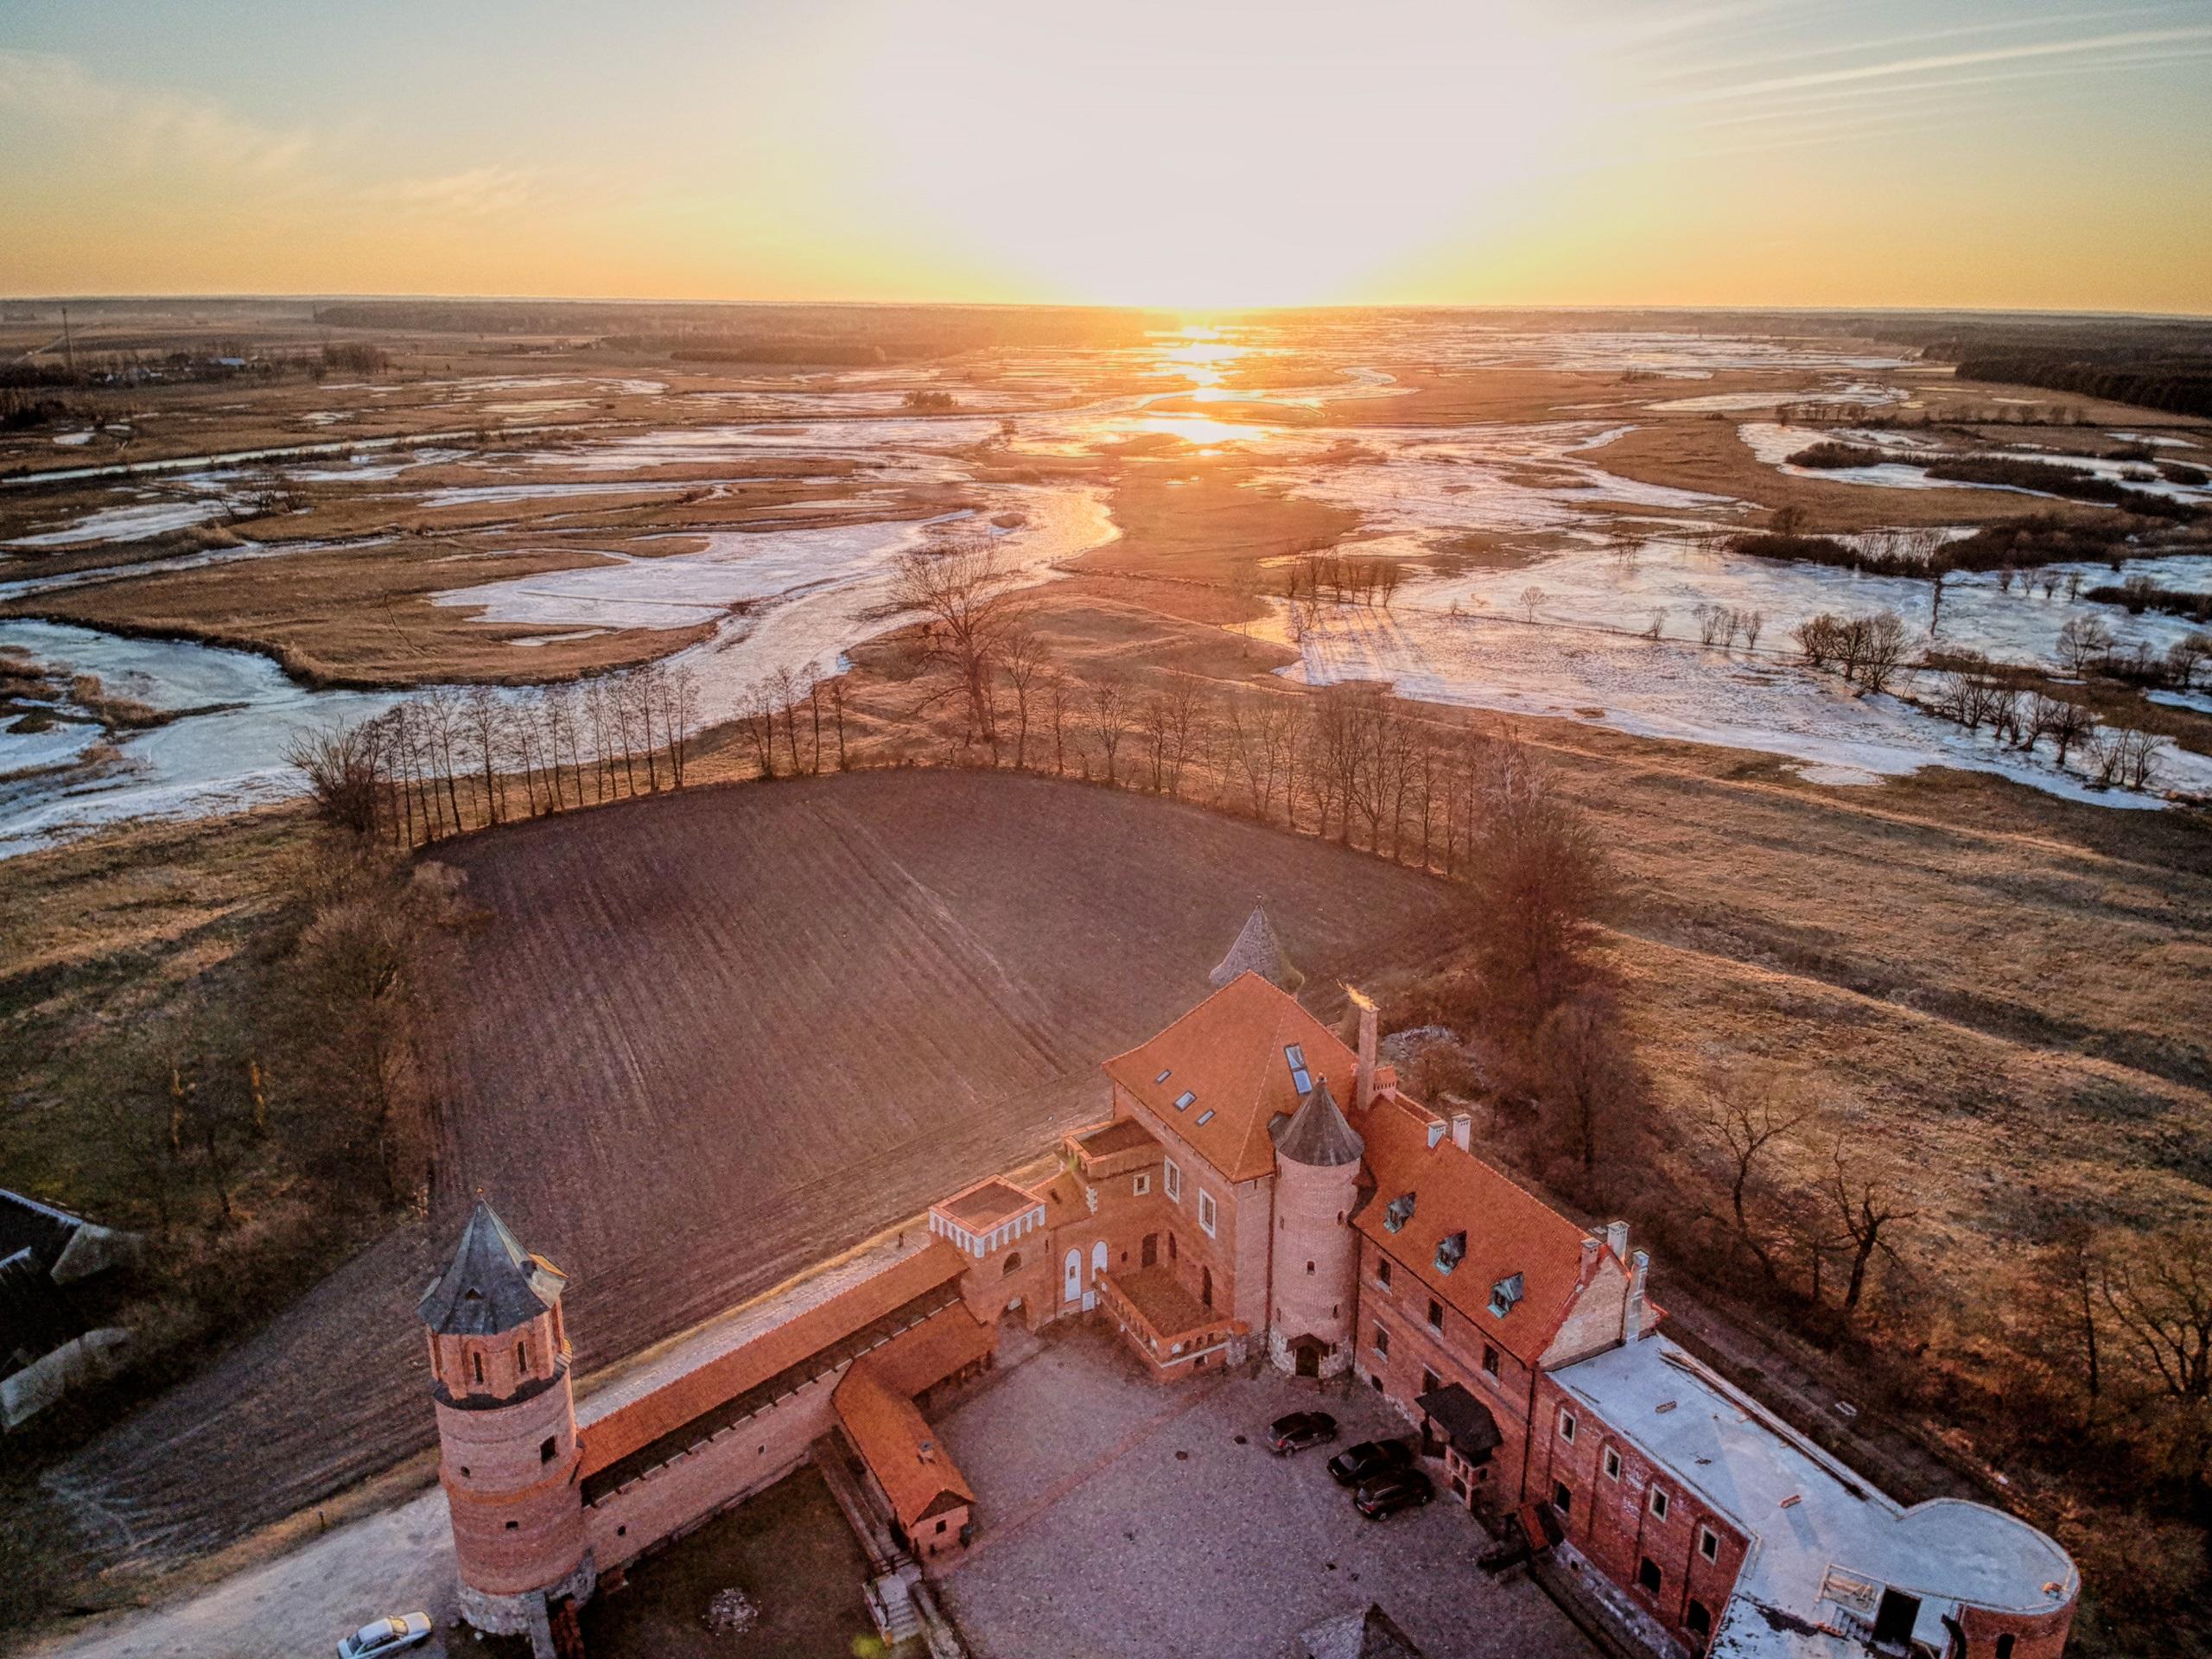 Zamek w Tykocinie, fot. Maciej Korsan